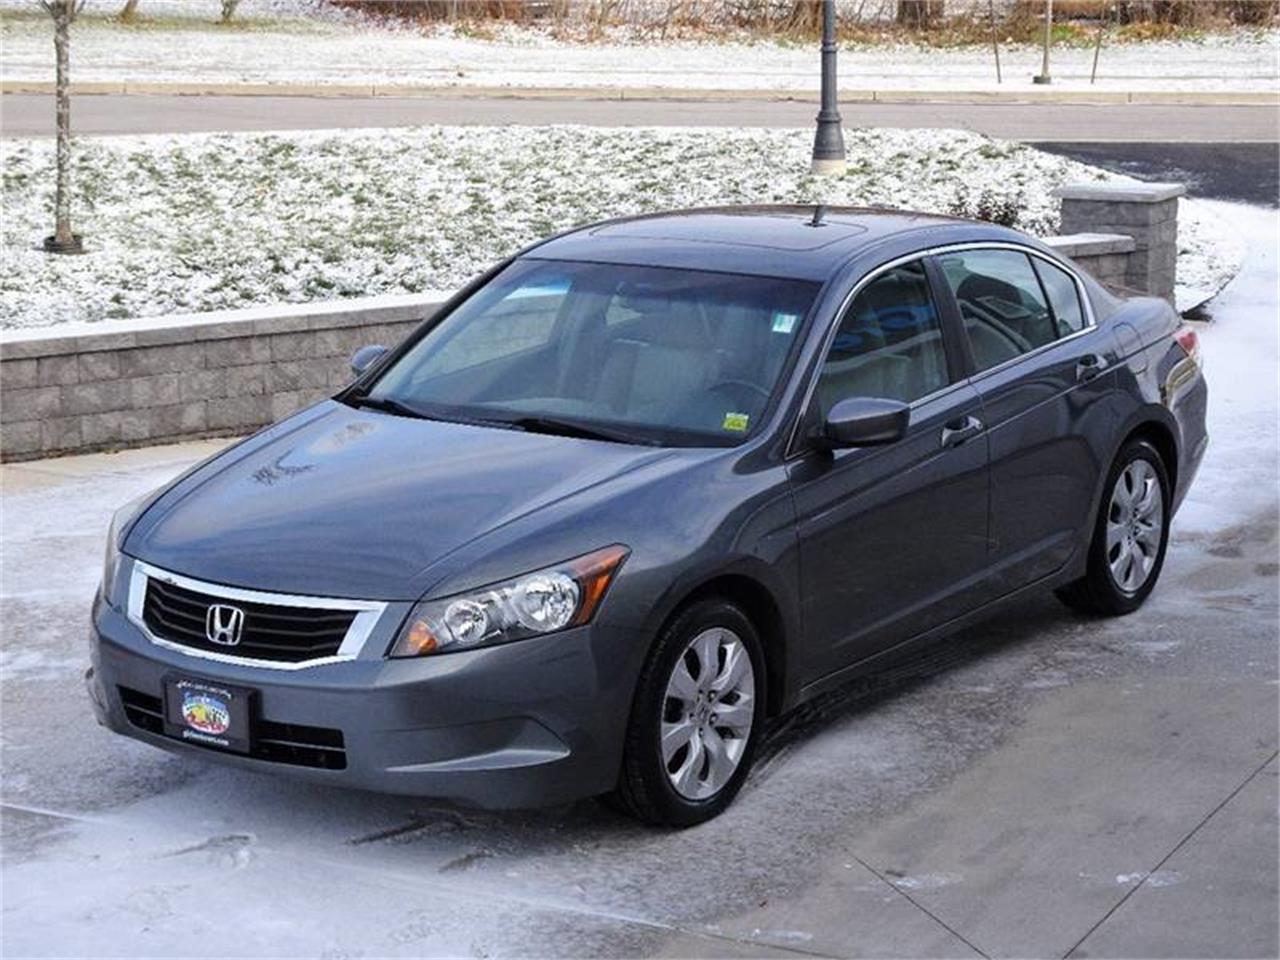 2008 Honda Accord For Sale Classiccars Com Cc 1169730